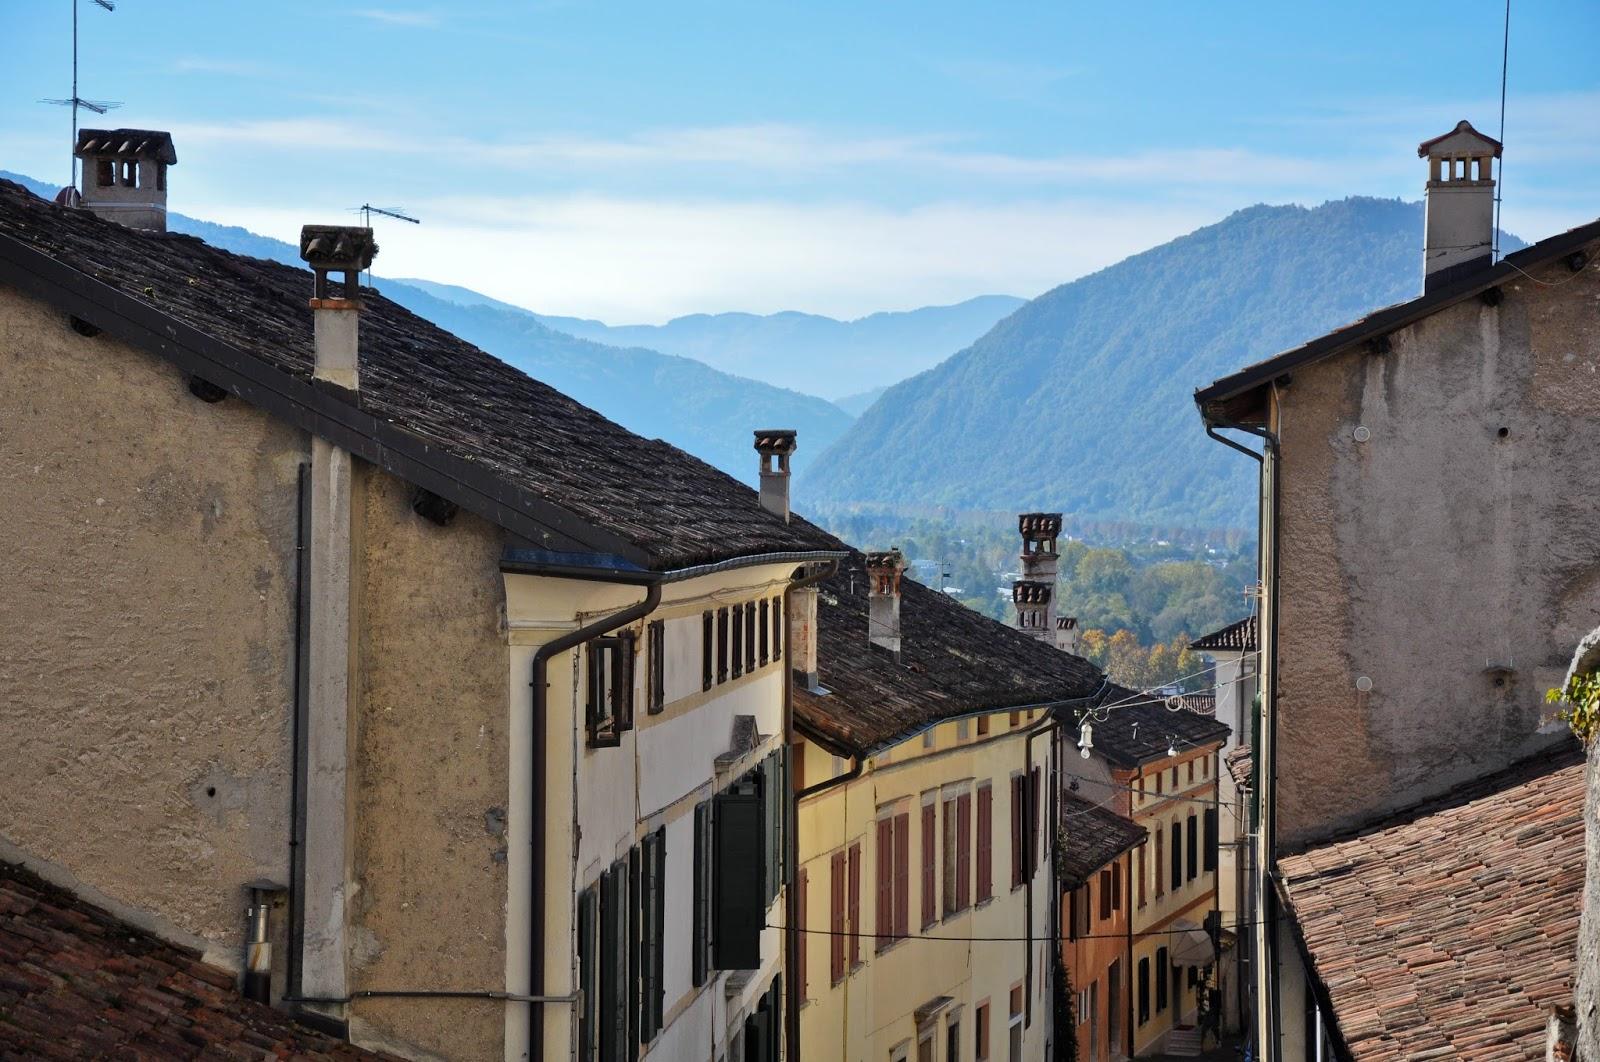 The View from Palazzo della Ragione, Feltre, Veneto, Italy